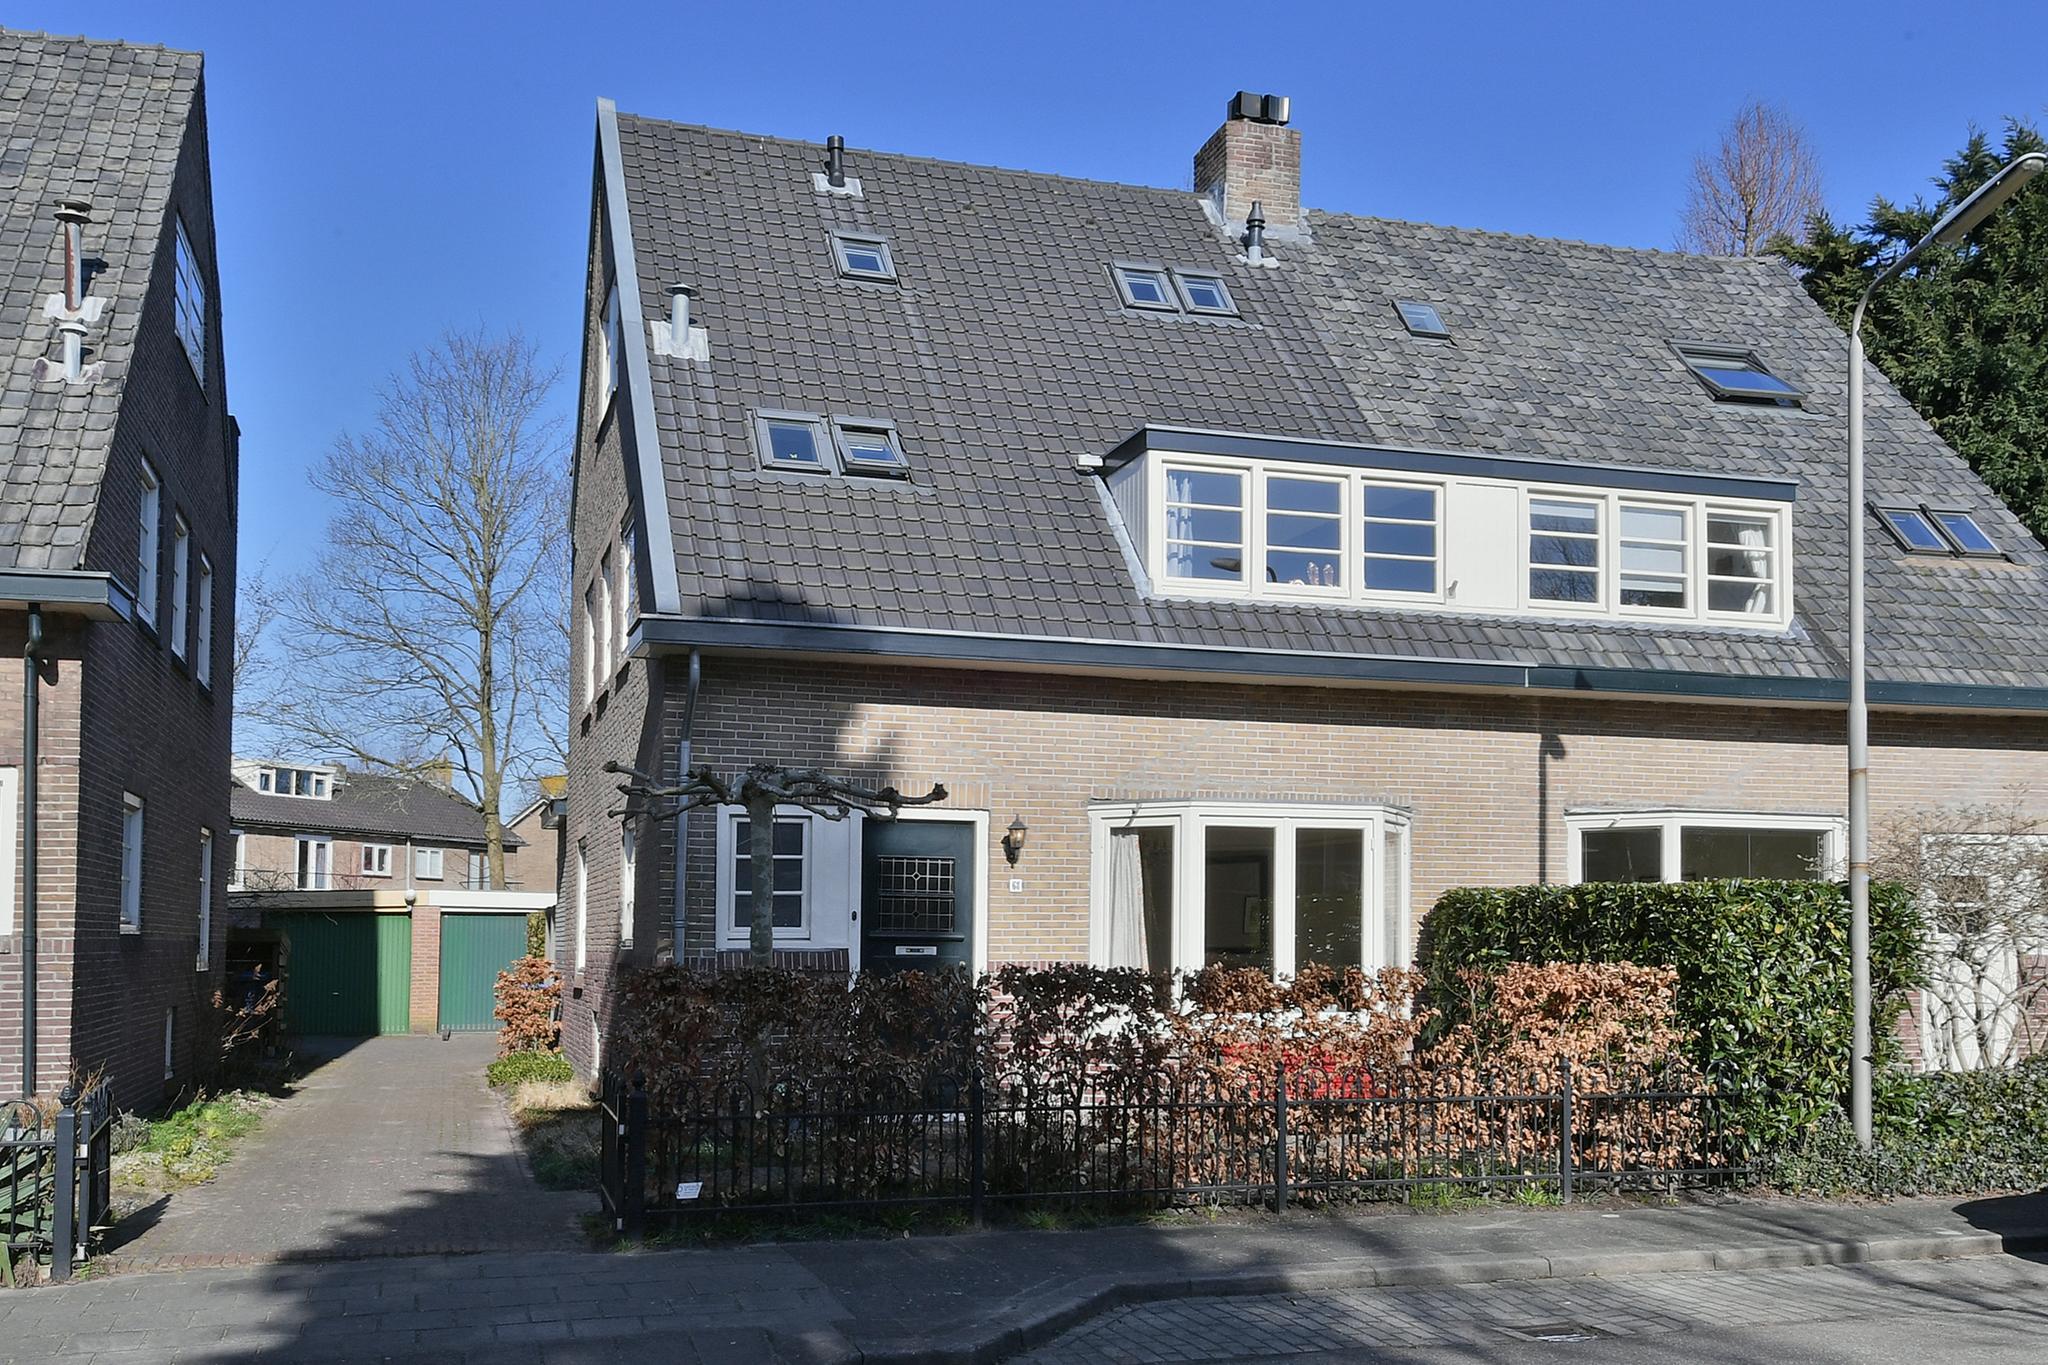 Zwarteweg 68 in Naarden 1412 GE: Woonhuis. - Visch & Van Zeggelaar